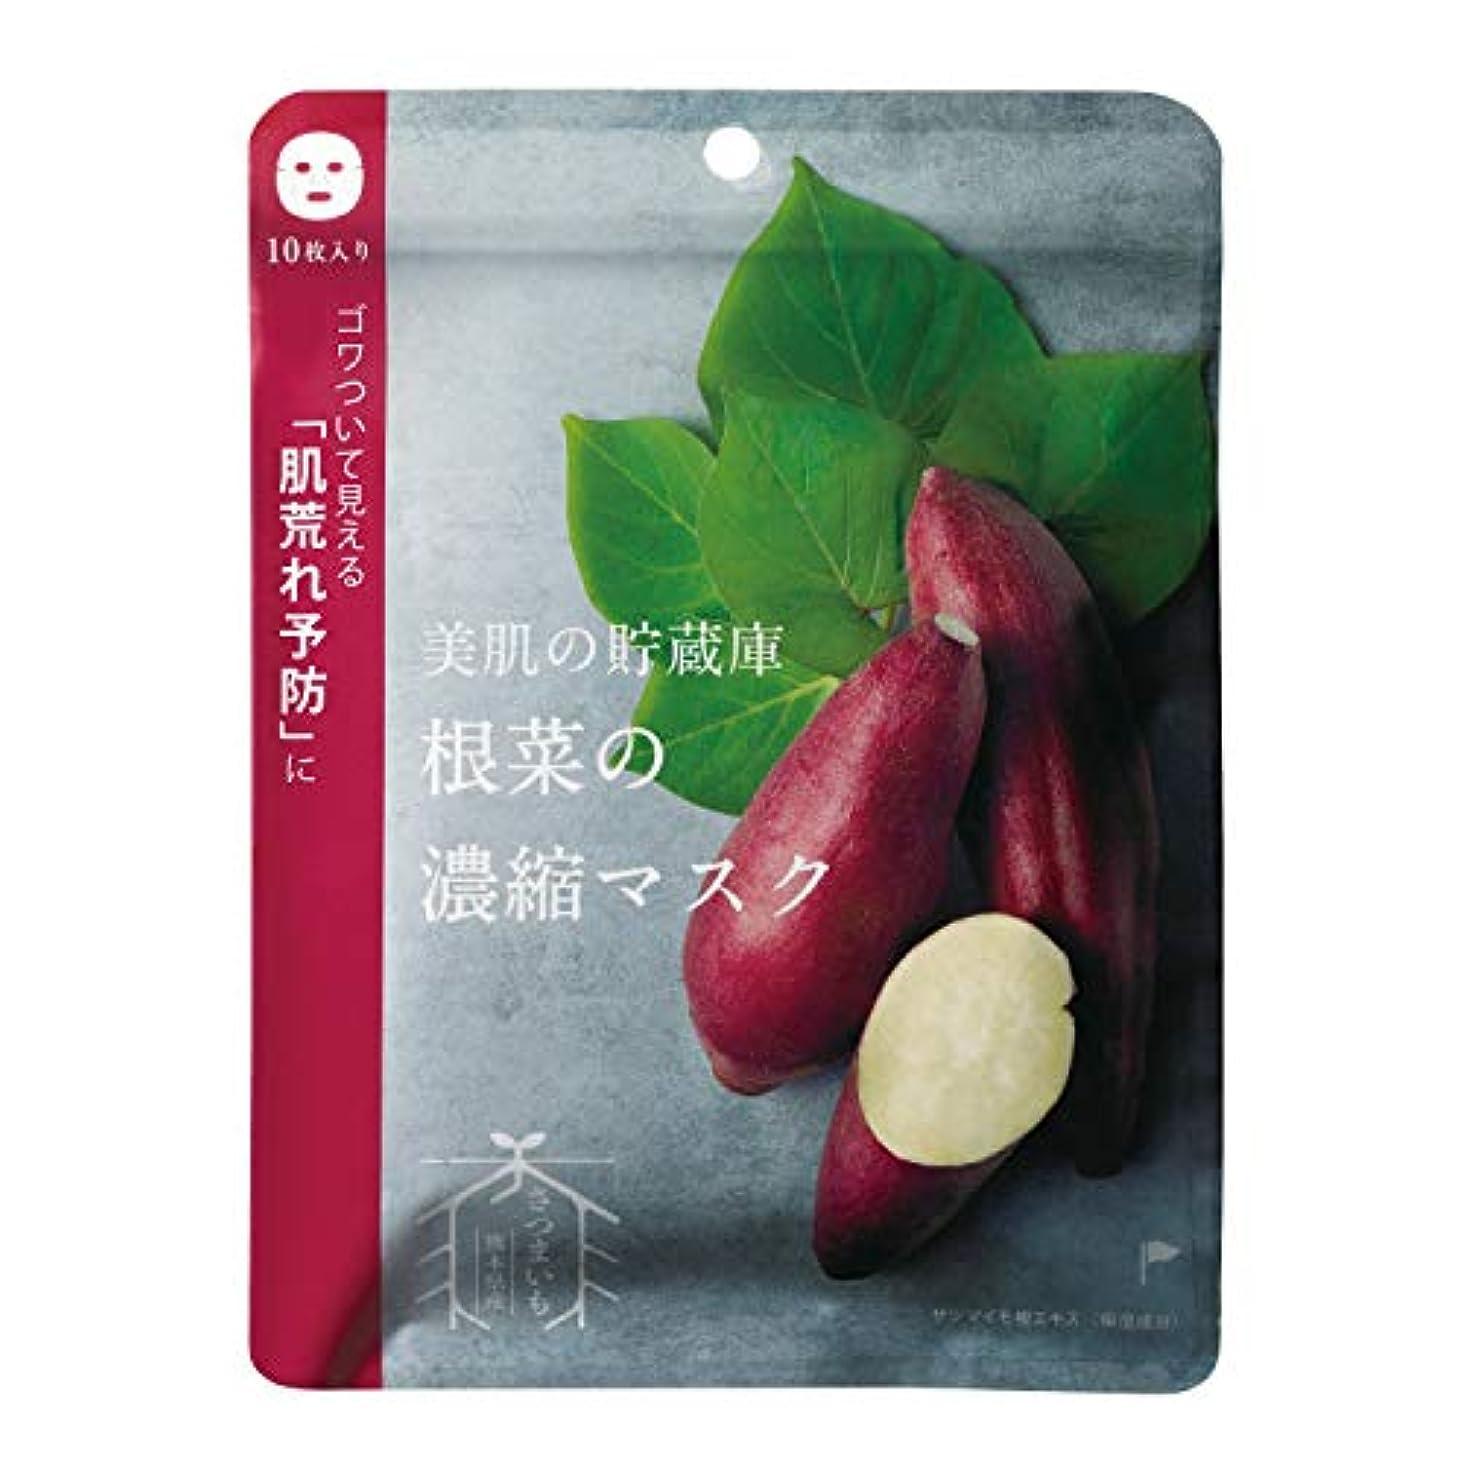 分析する休暇アセ@cosme nippon 美肌の貯蔵庫 根菜の濃縮マスク 安納いも 10枚 160ml